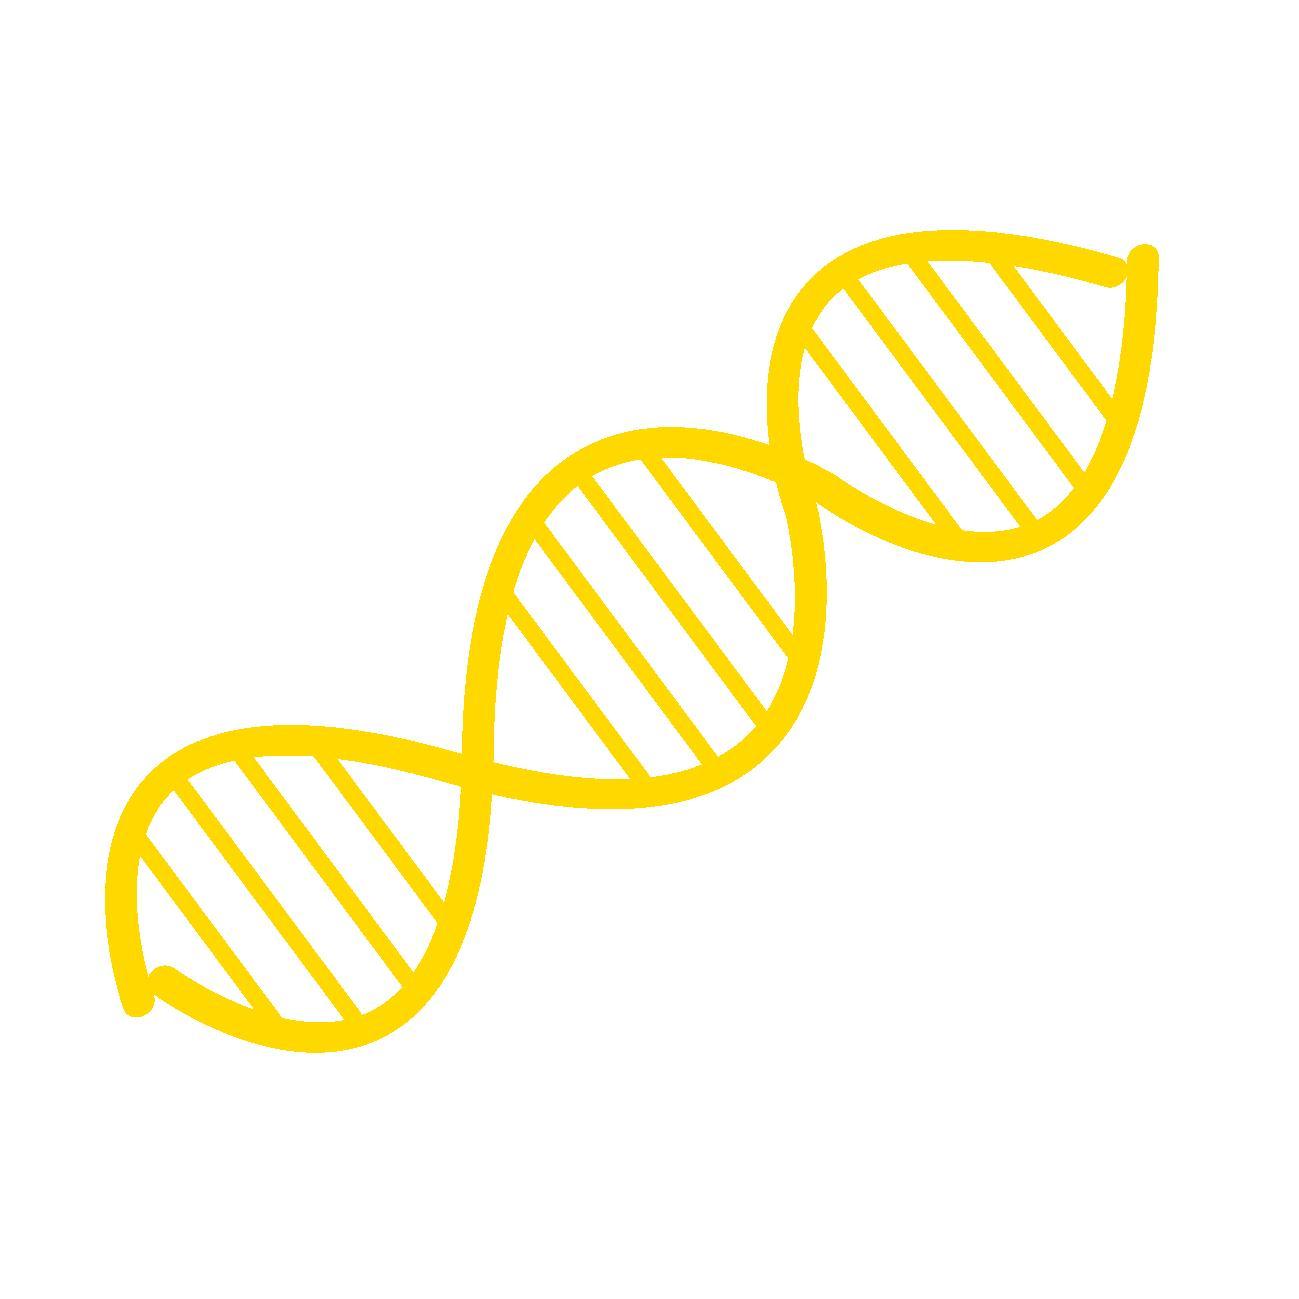 発達障害は遺伝の病気なの?